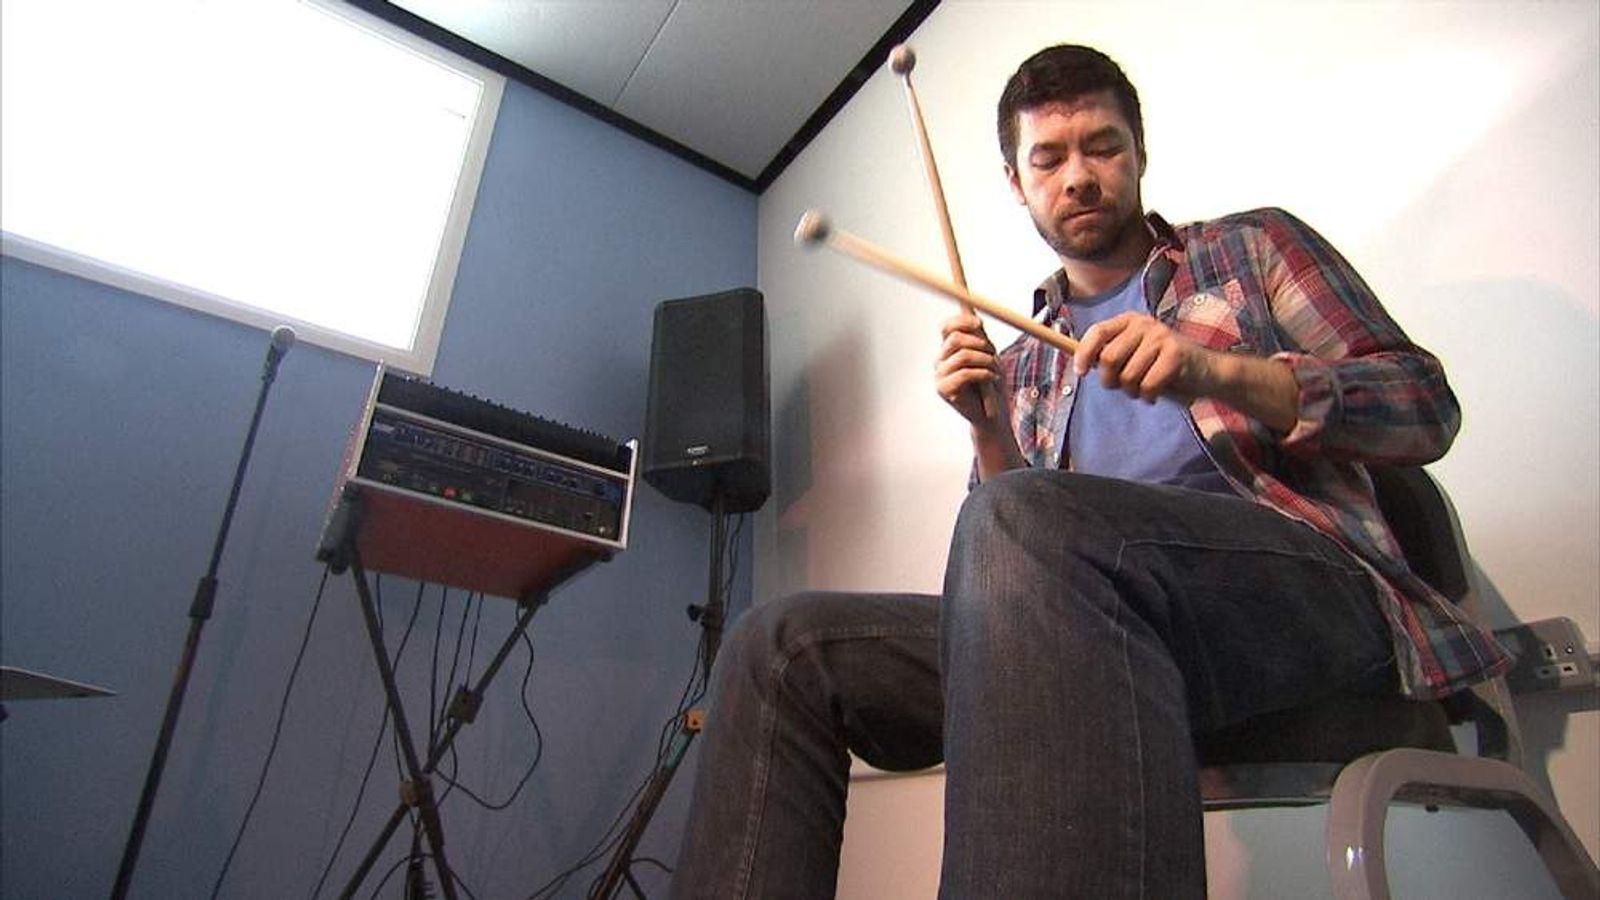 air drumming screengrab alternate